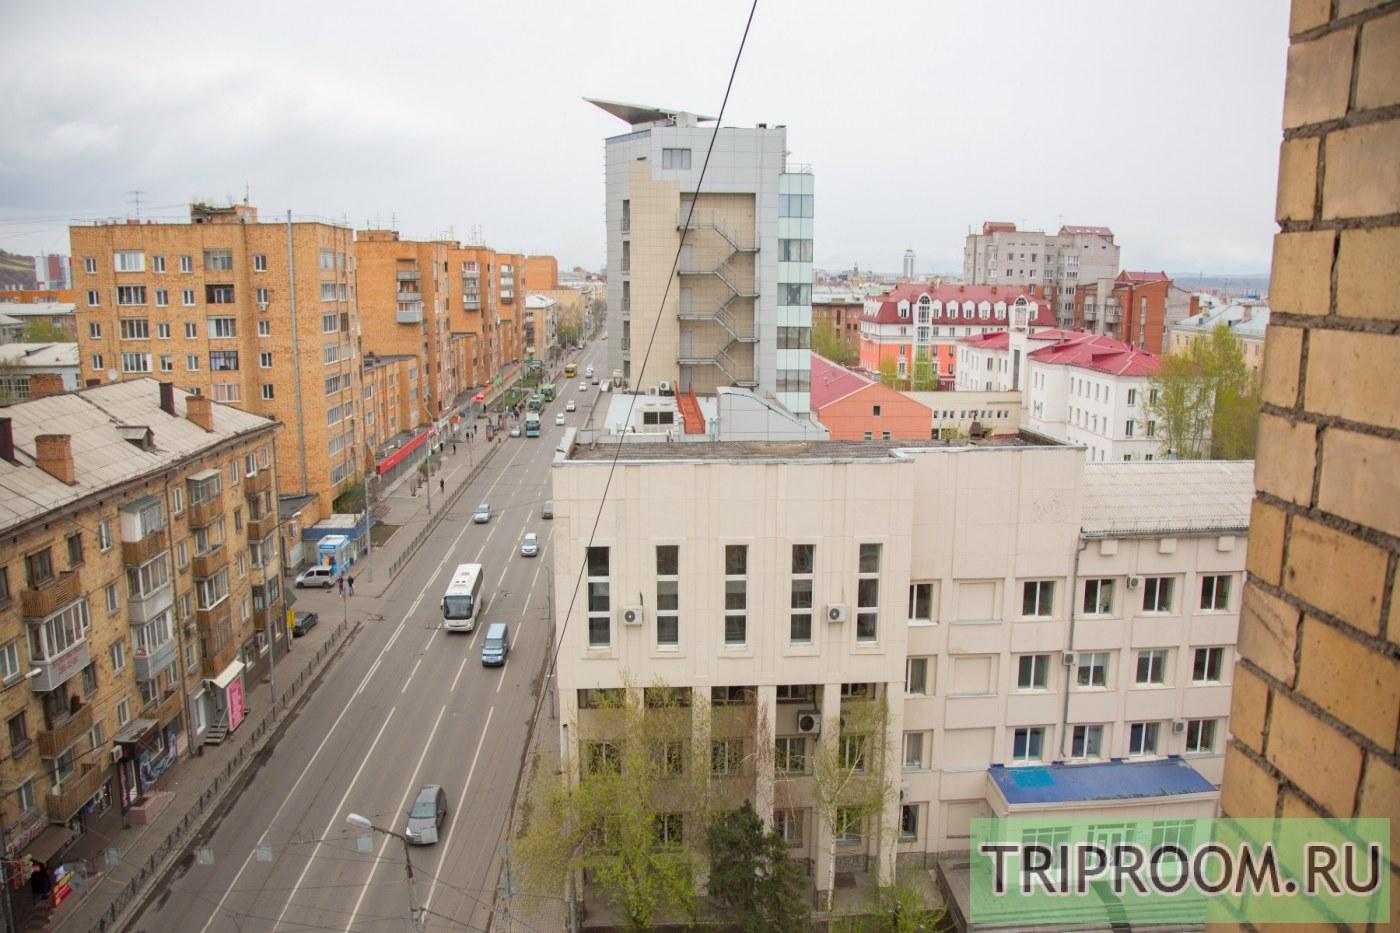 1-комнатная квартира посуточно (вариант № 37503), ул. Ленина улица, фото № 15